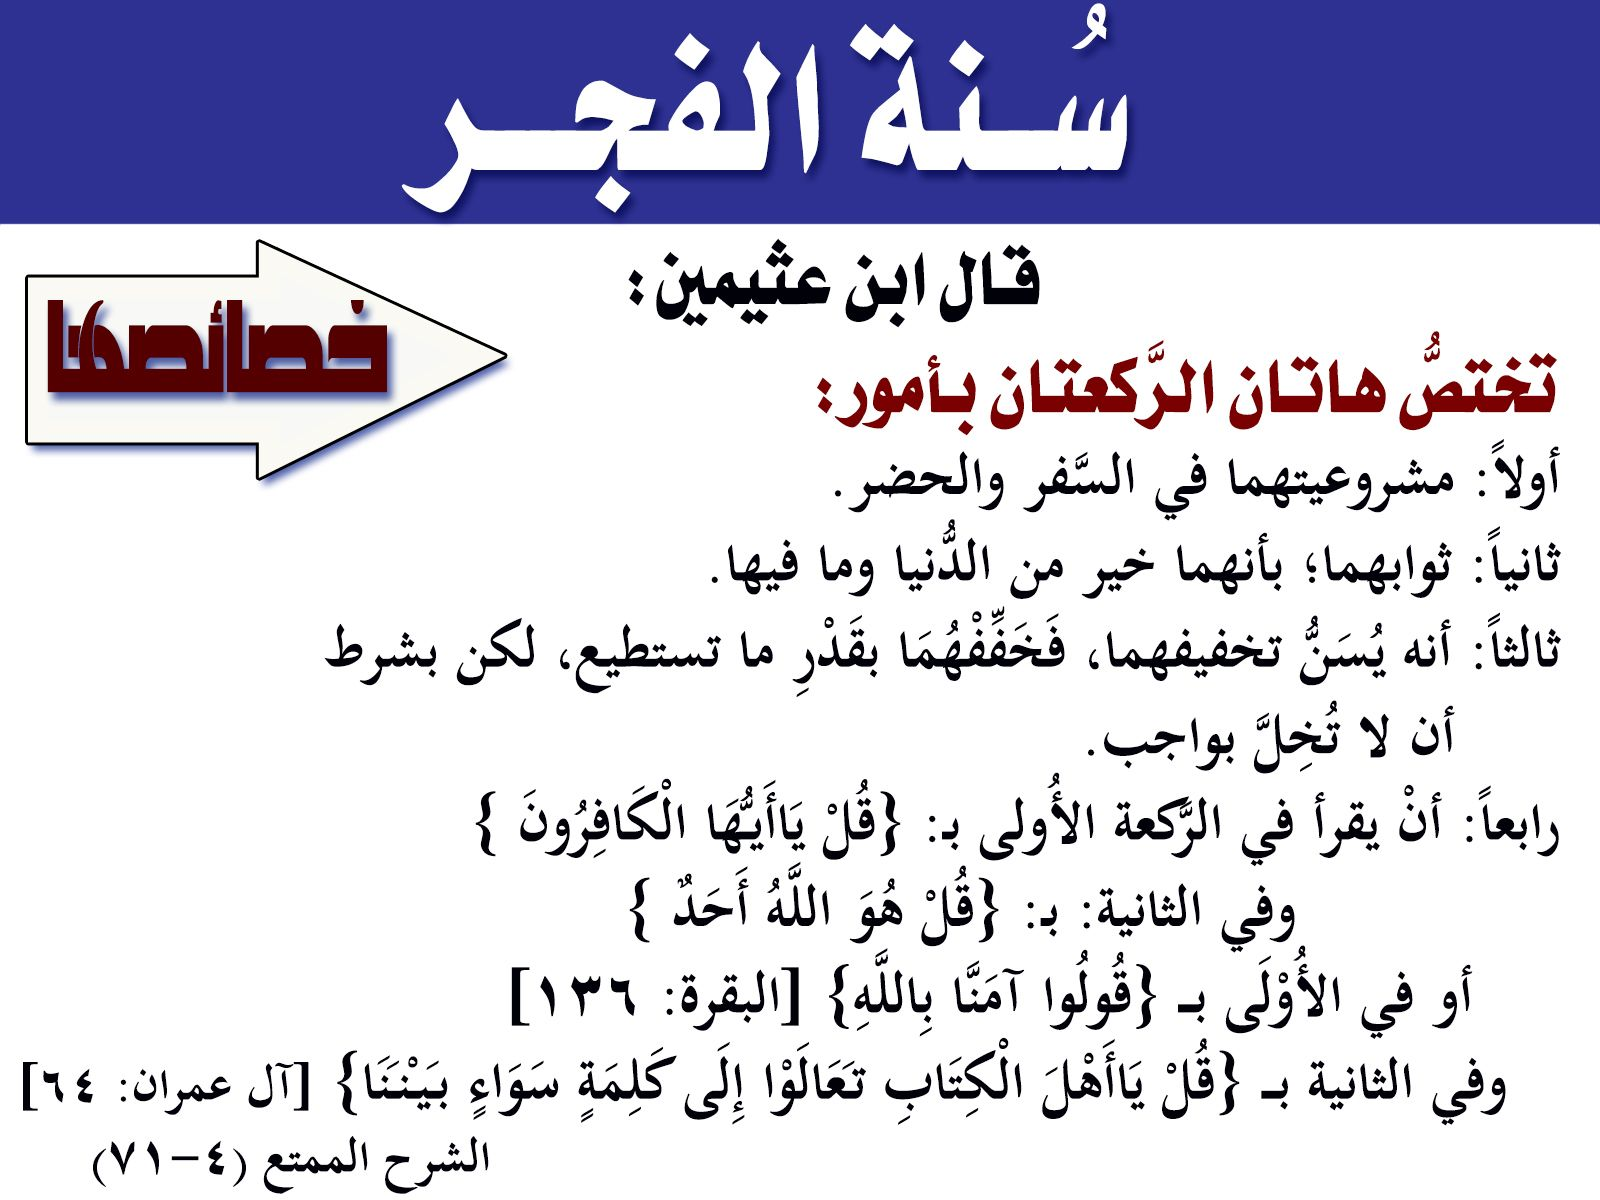 خصائص سنة الفجر Quotes Math Arabic Quotes